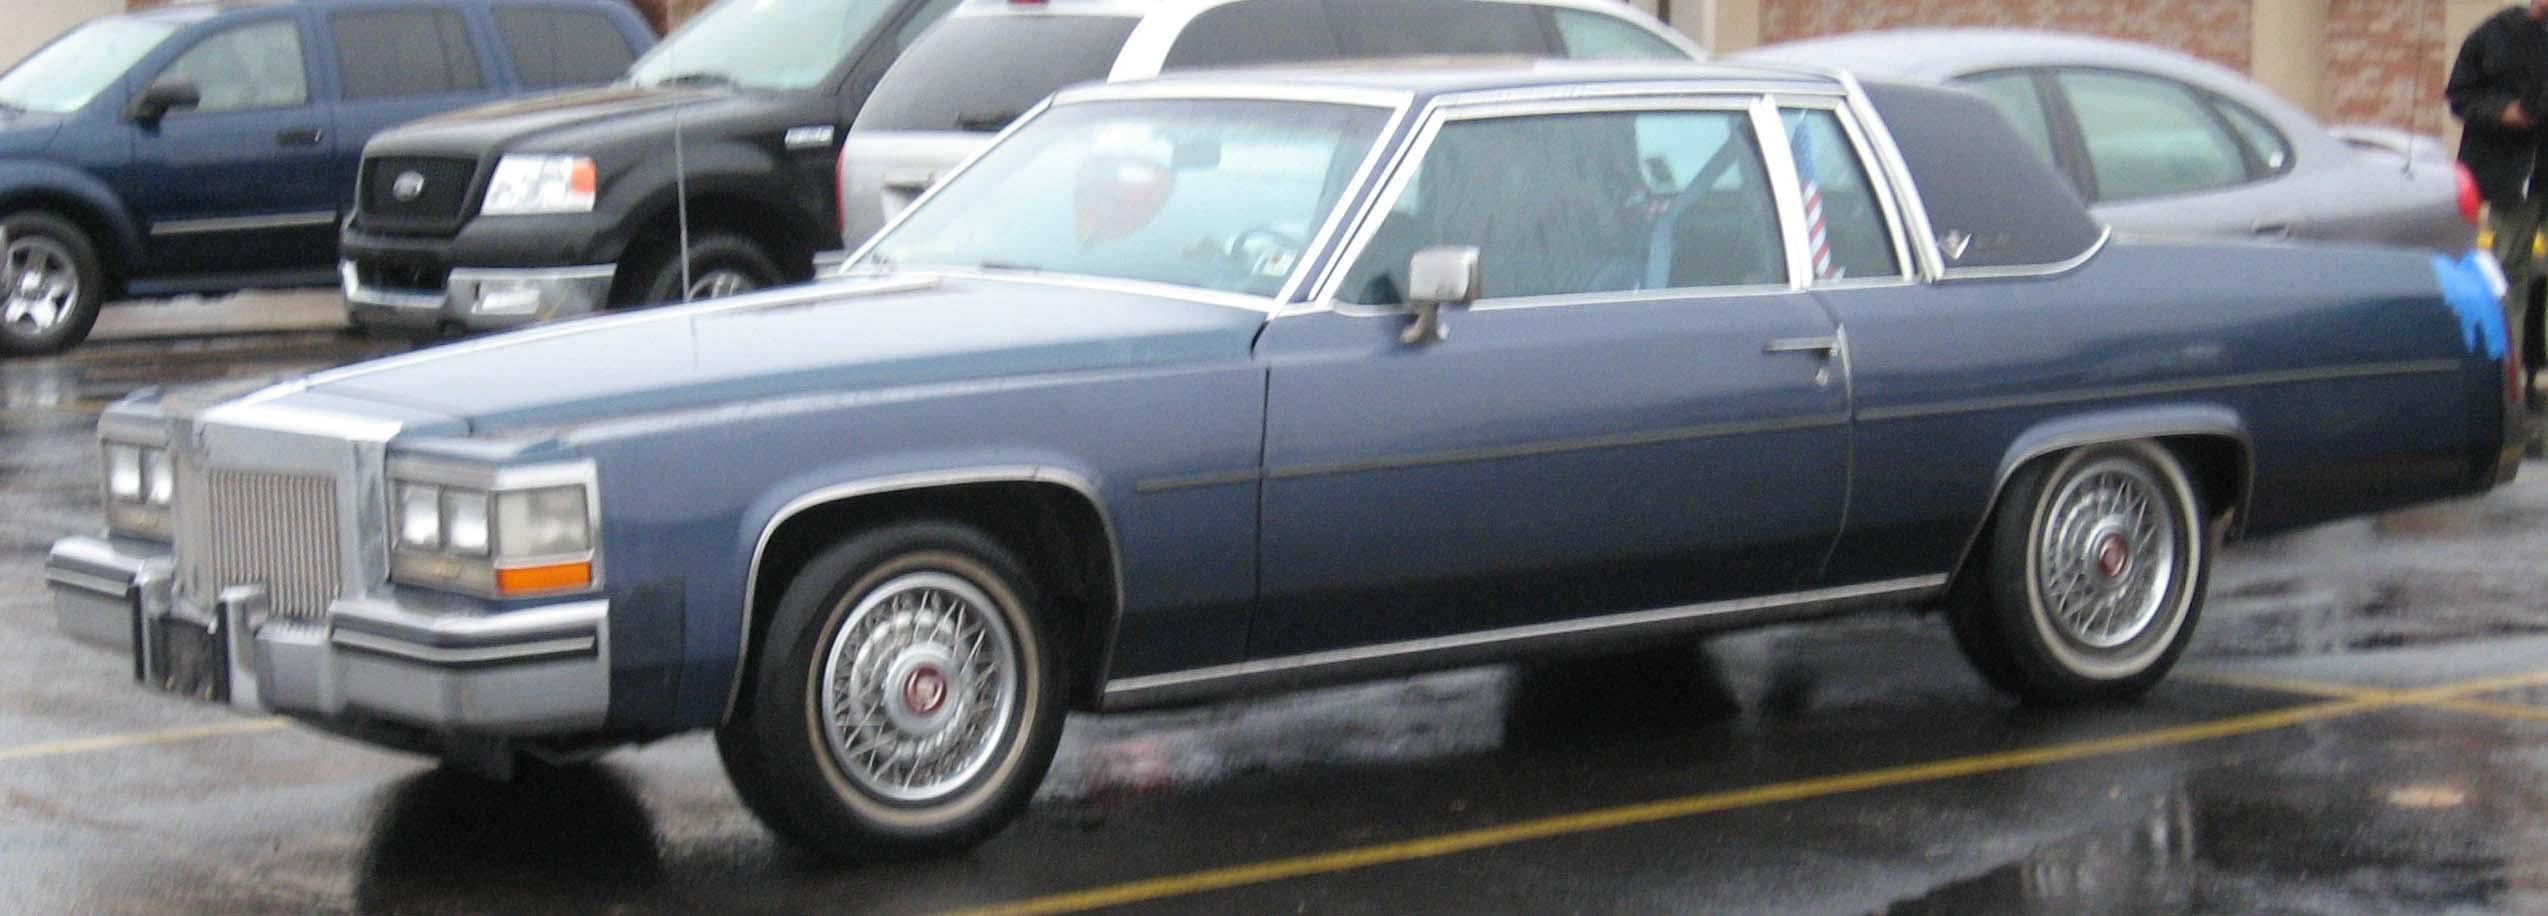 77-84_Cadillac_Coupe_de_Ville.jpg